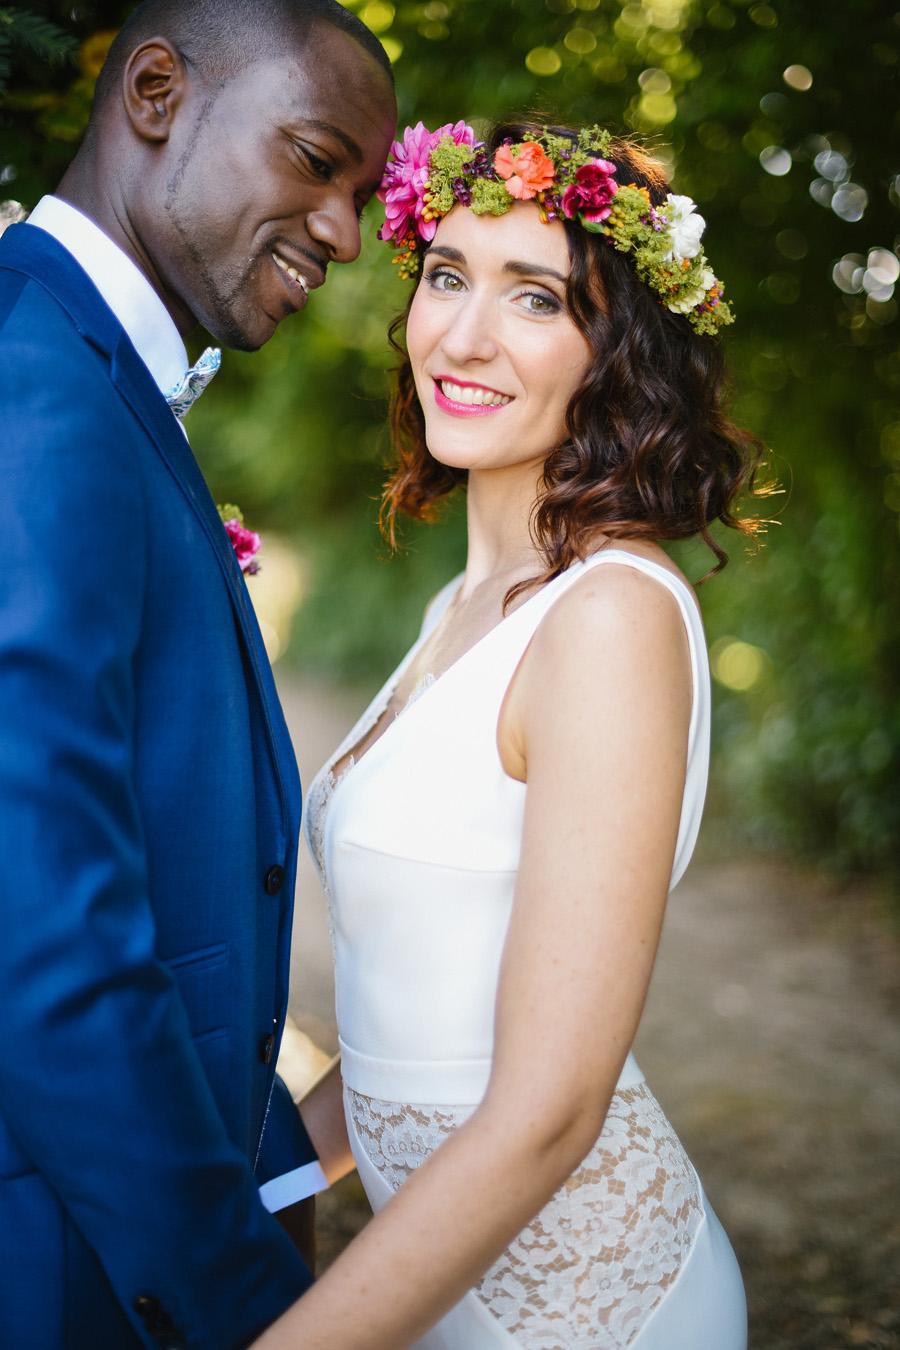 shooting_inspiration_mariage_peps_wedding_95_photographe_clemence_dubois-092